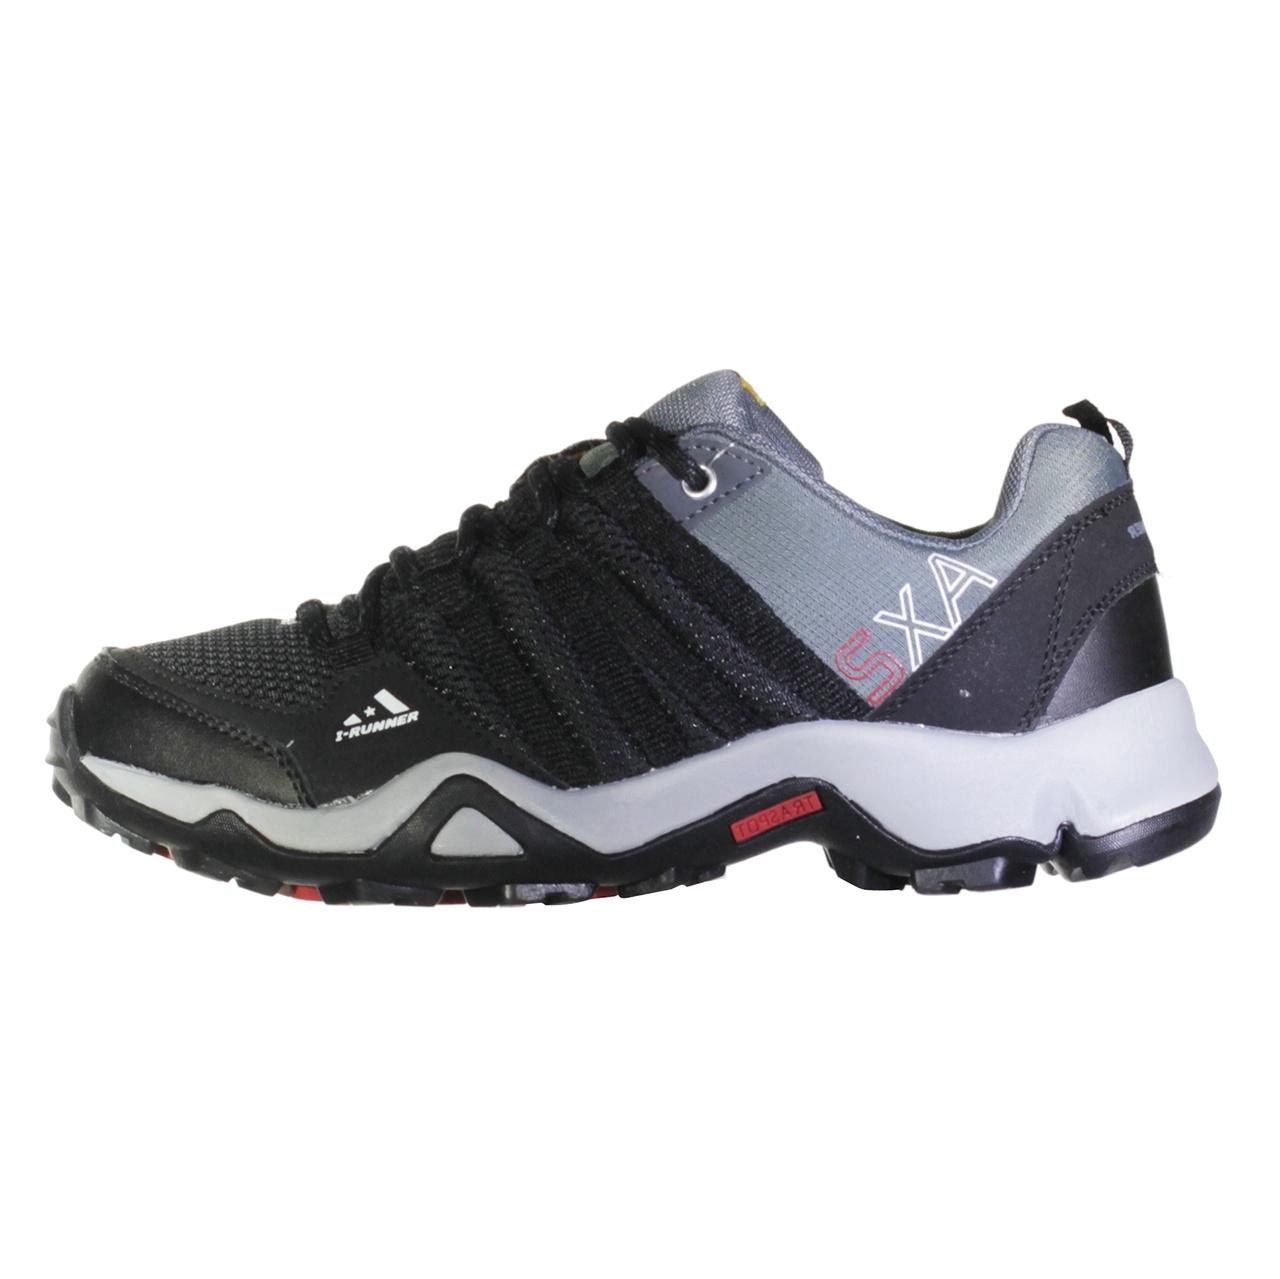 کفش مخصوص پیاده روی زنانه آی رانر مدل Alexander کد 02